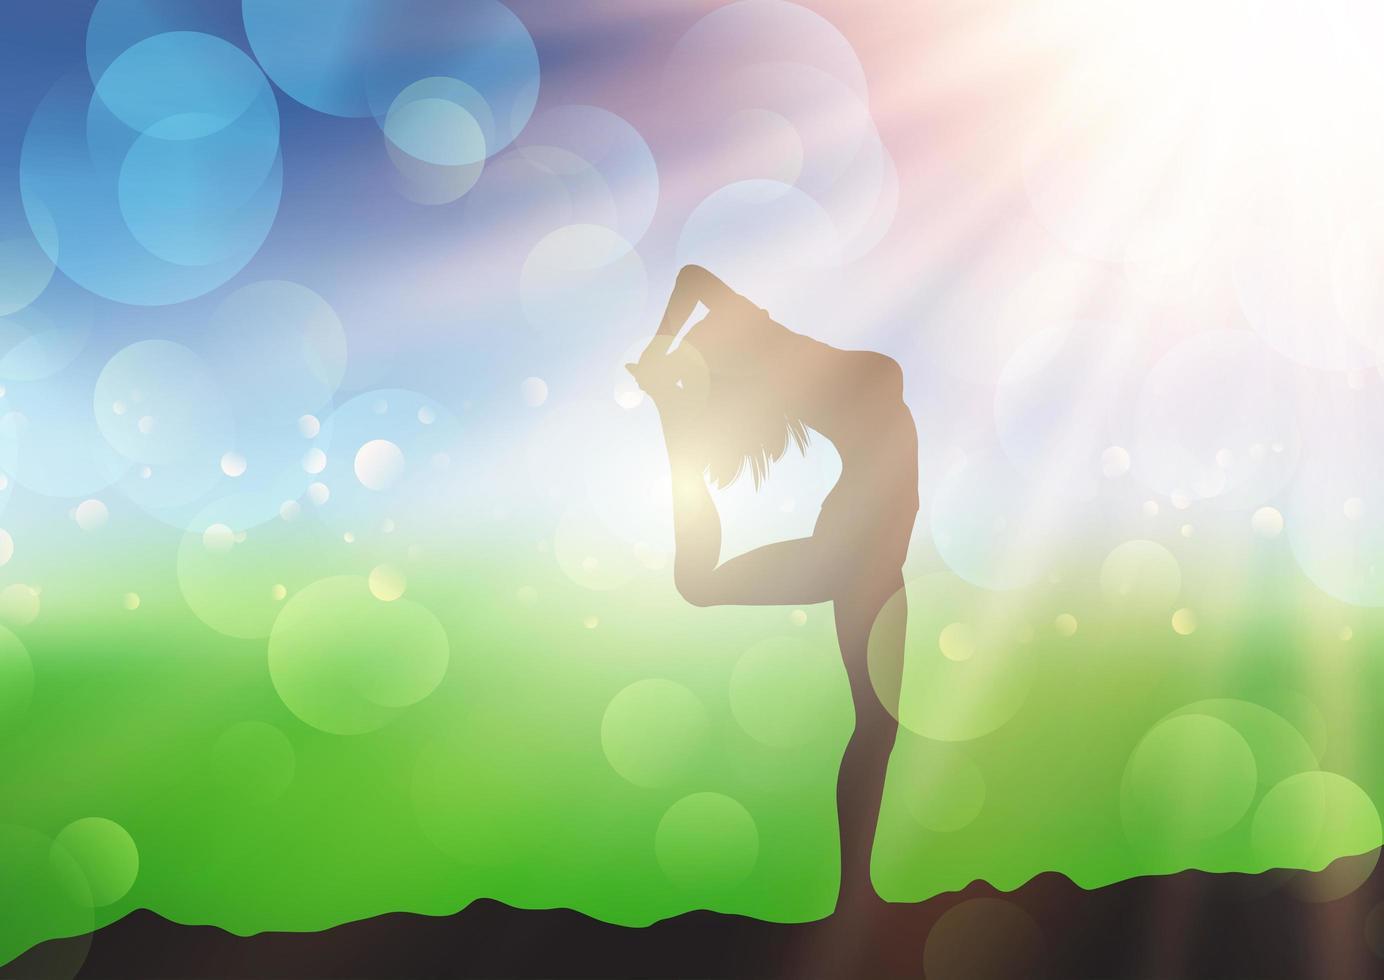 mujer en pose de yoga contra el soleado paisaje desenfocado vector